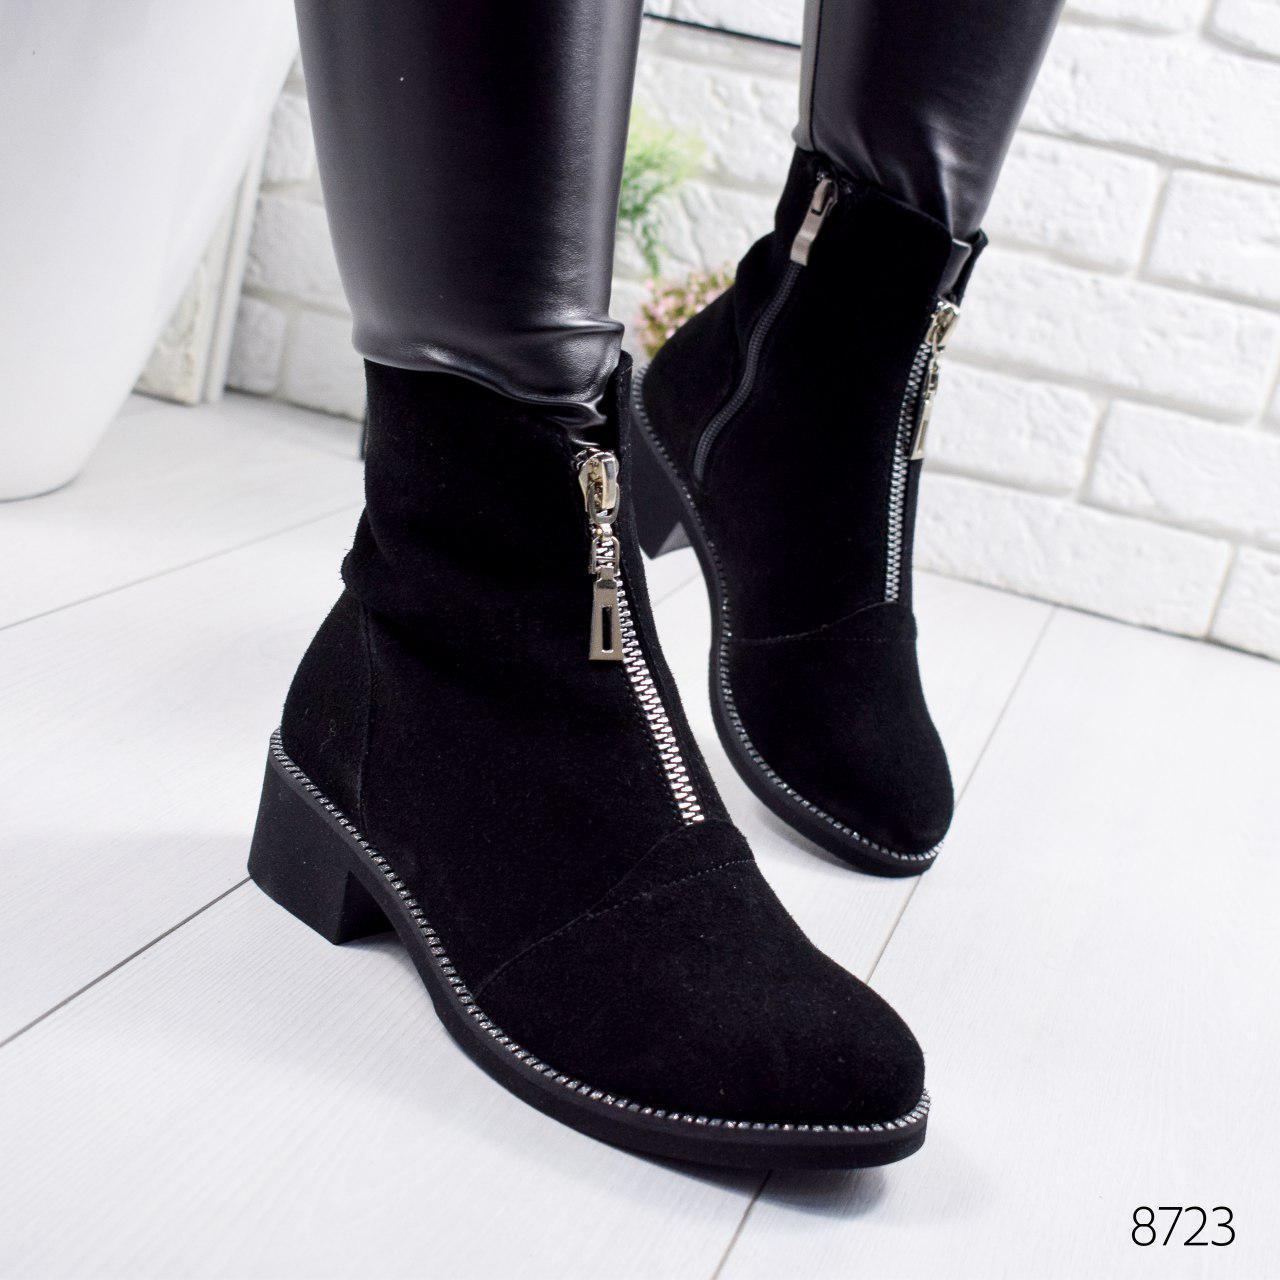 """Ботинки женские зимние """"Strate"""" черного цвета из натуральной замши. Ботильоны женские. Ботильоны зима"""